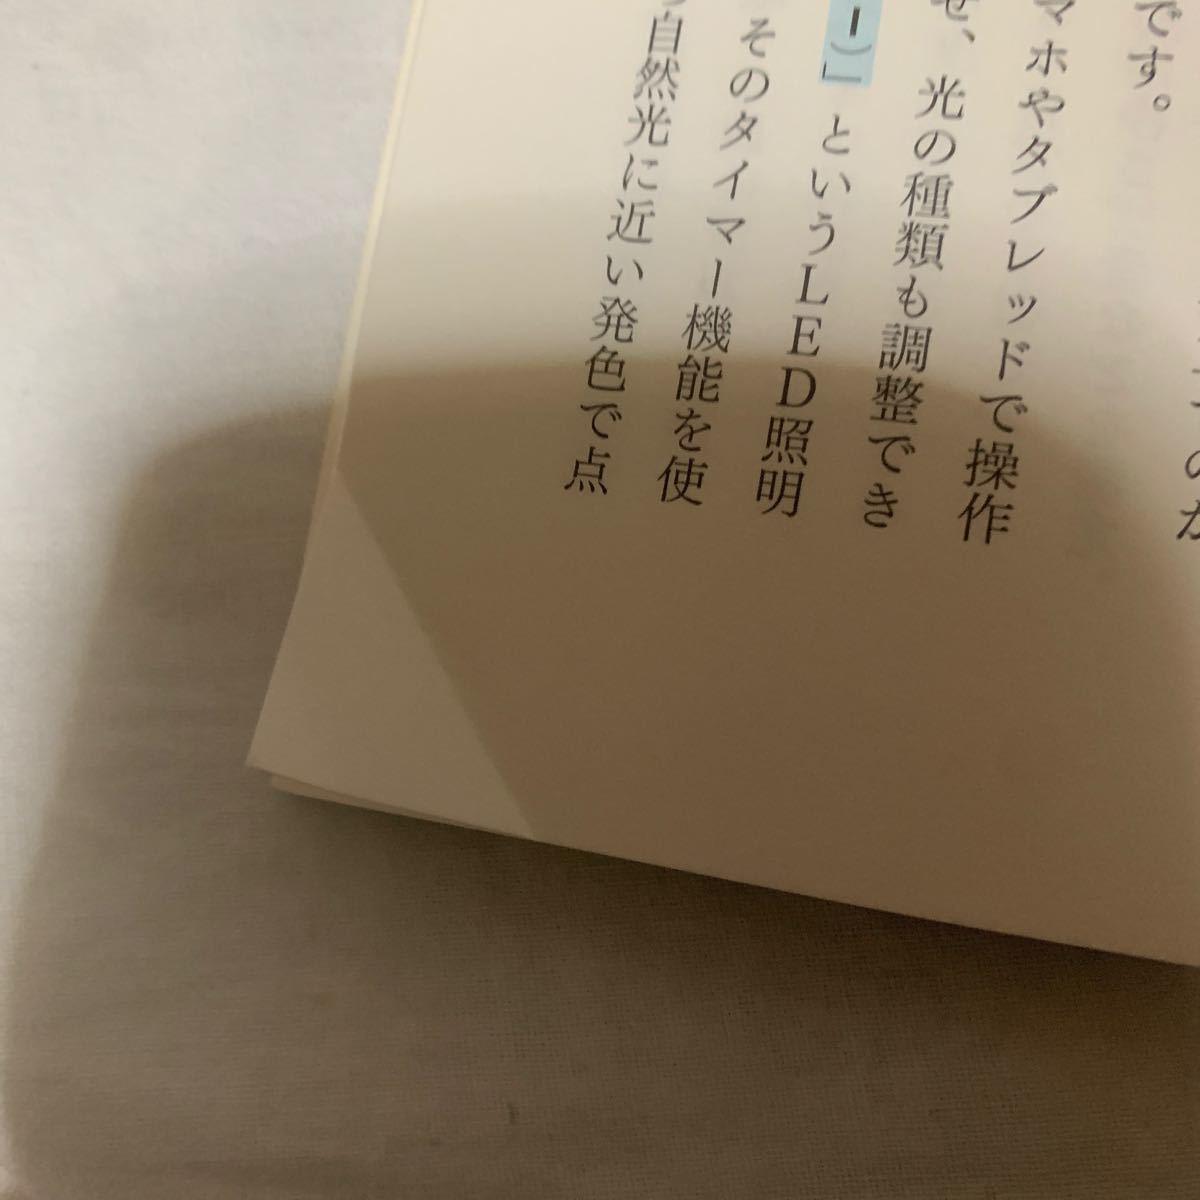 自分を操る 超集中力 DaiGo かんき出版